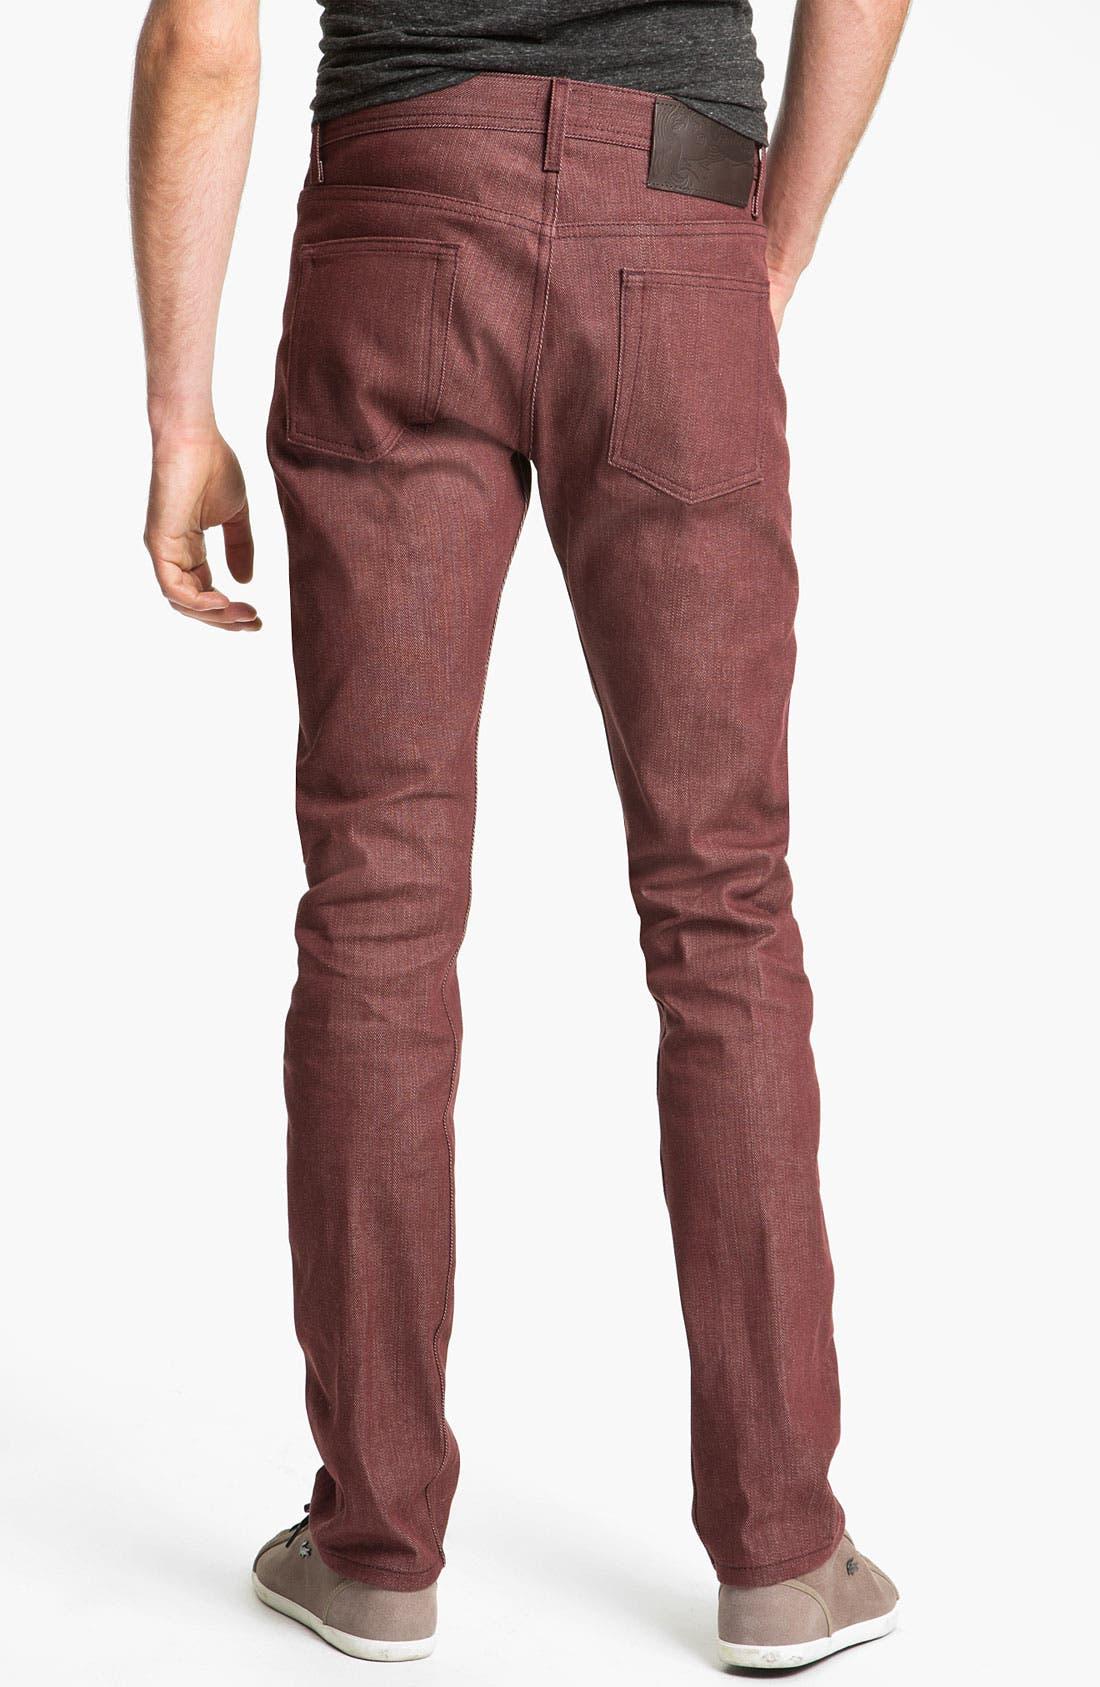 Alternate Image 1 Selected - Naked & Famous Denim 'Weird Guy' Slim Tapered Leg Selvedge Jeans (Pomegranate Red)